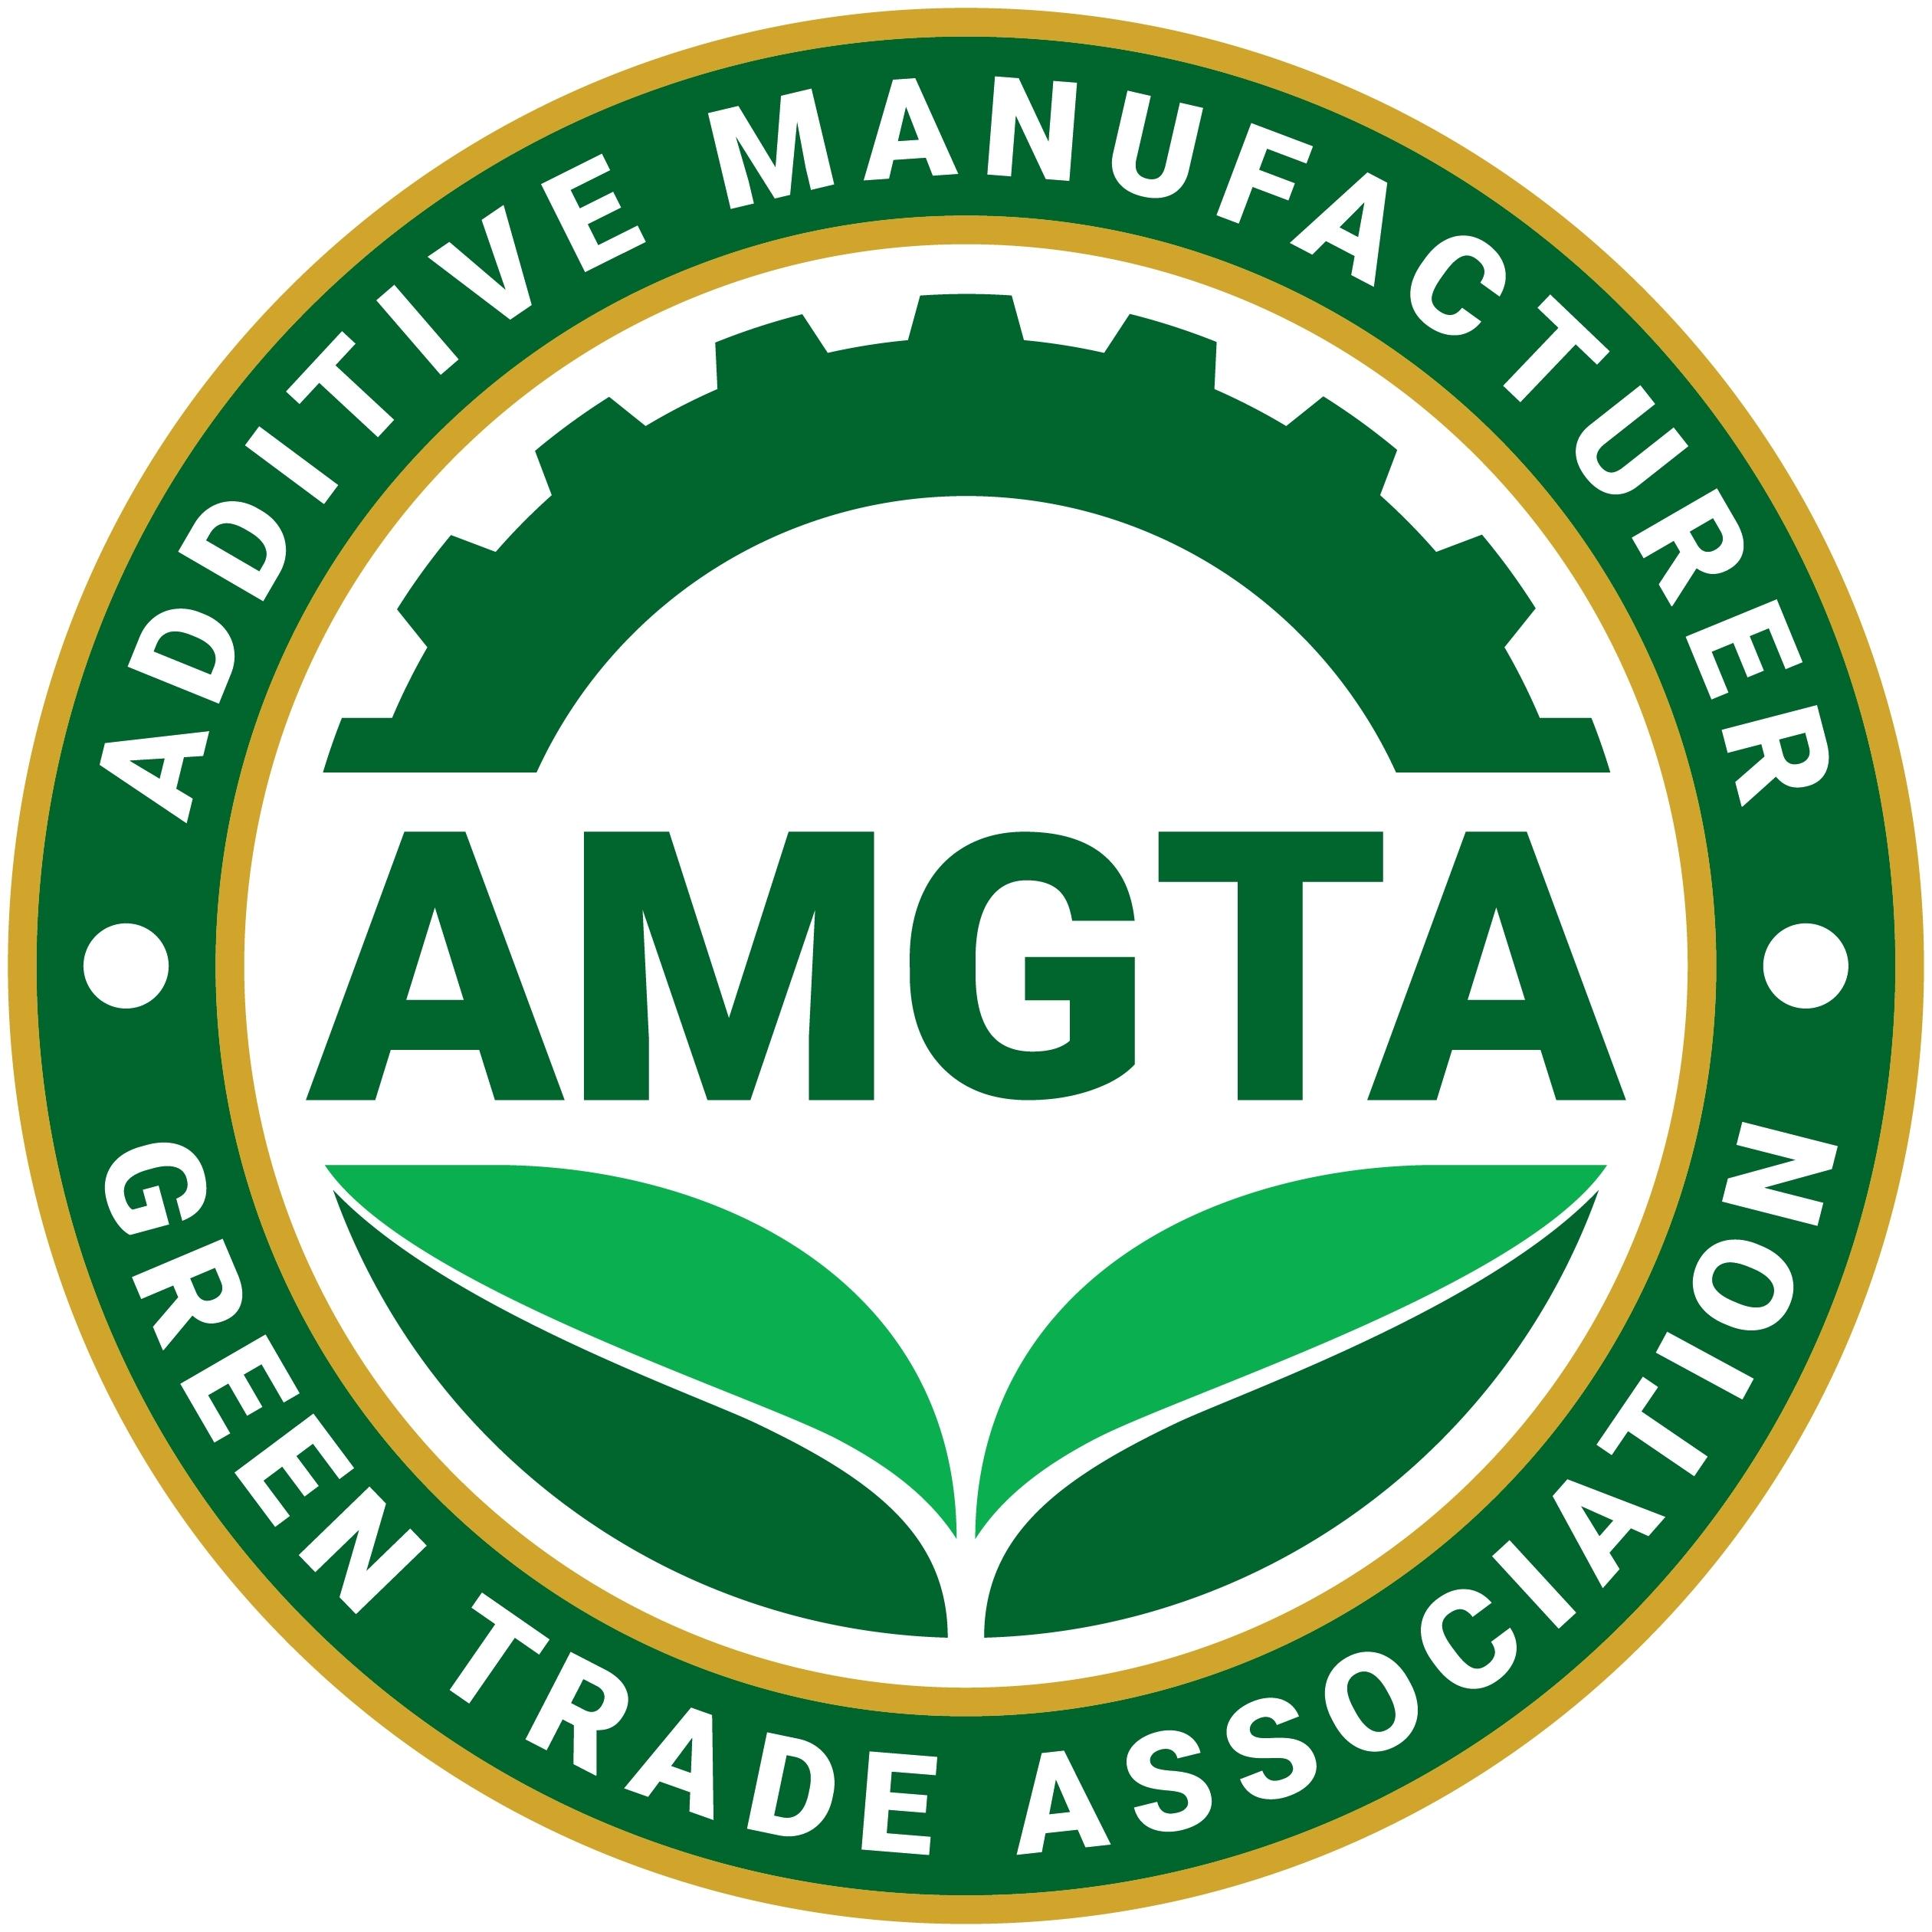 AMGTAが初の研究プロジェクトを開始